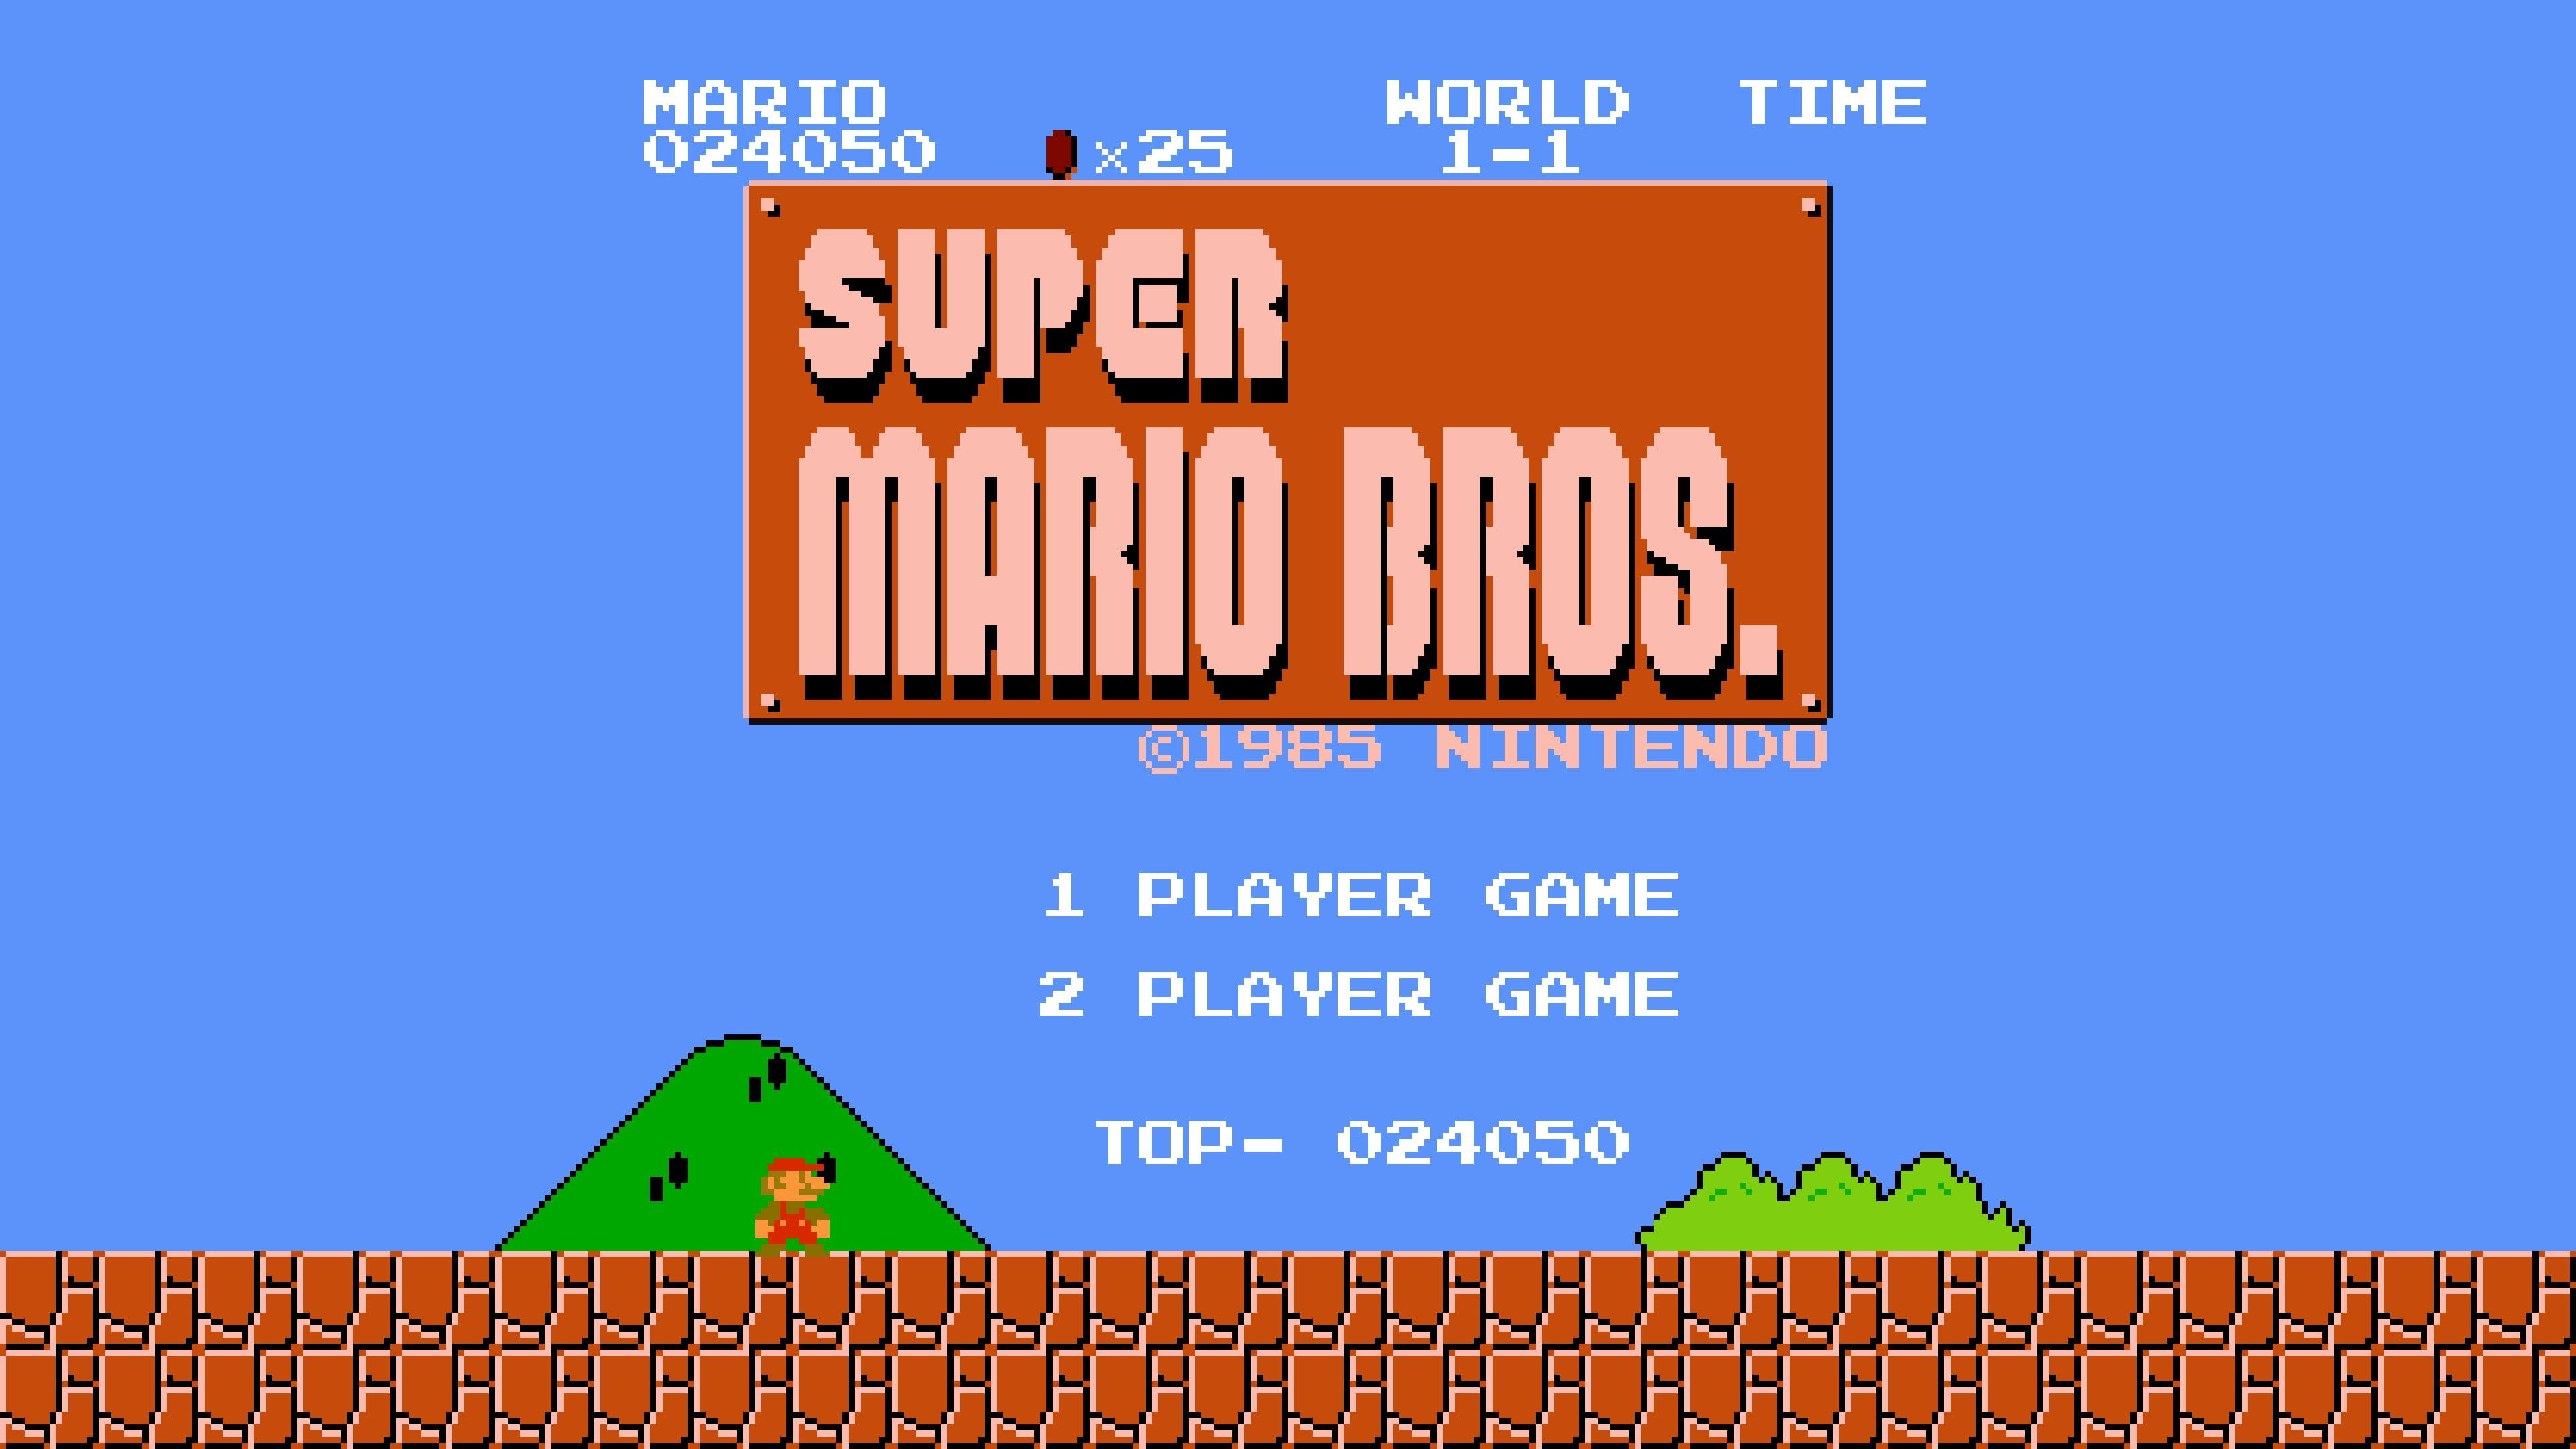 Super Mario Bros 8 Bit Super Mario Retro Games Video Games 4k